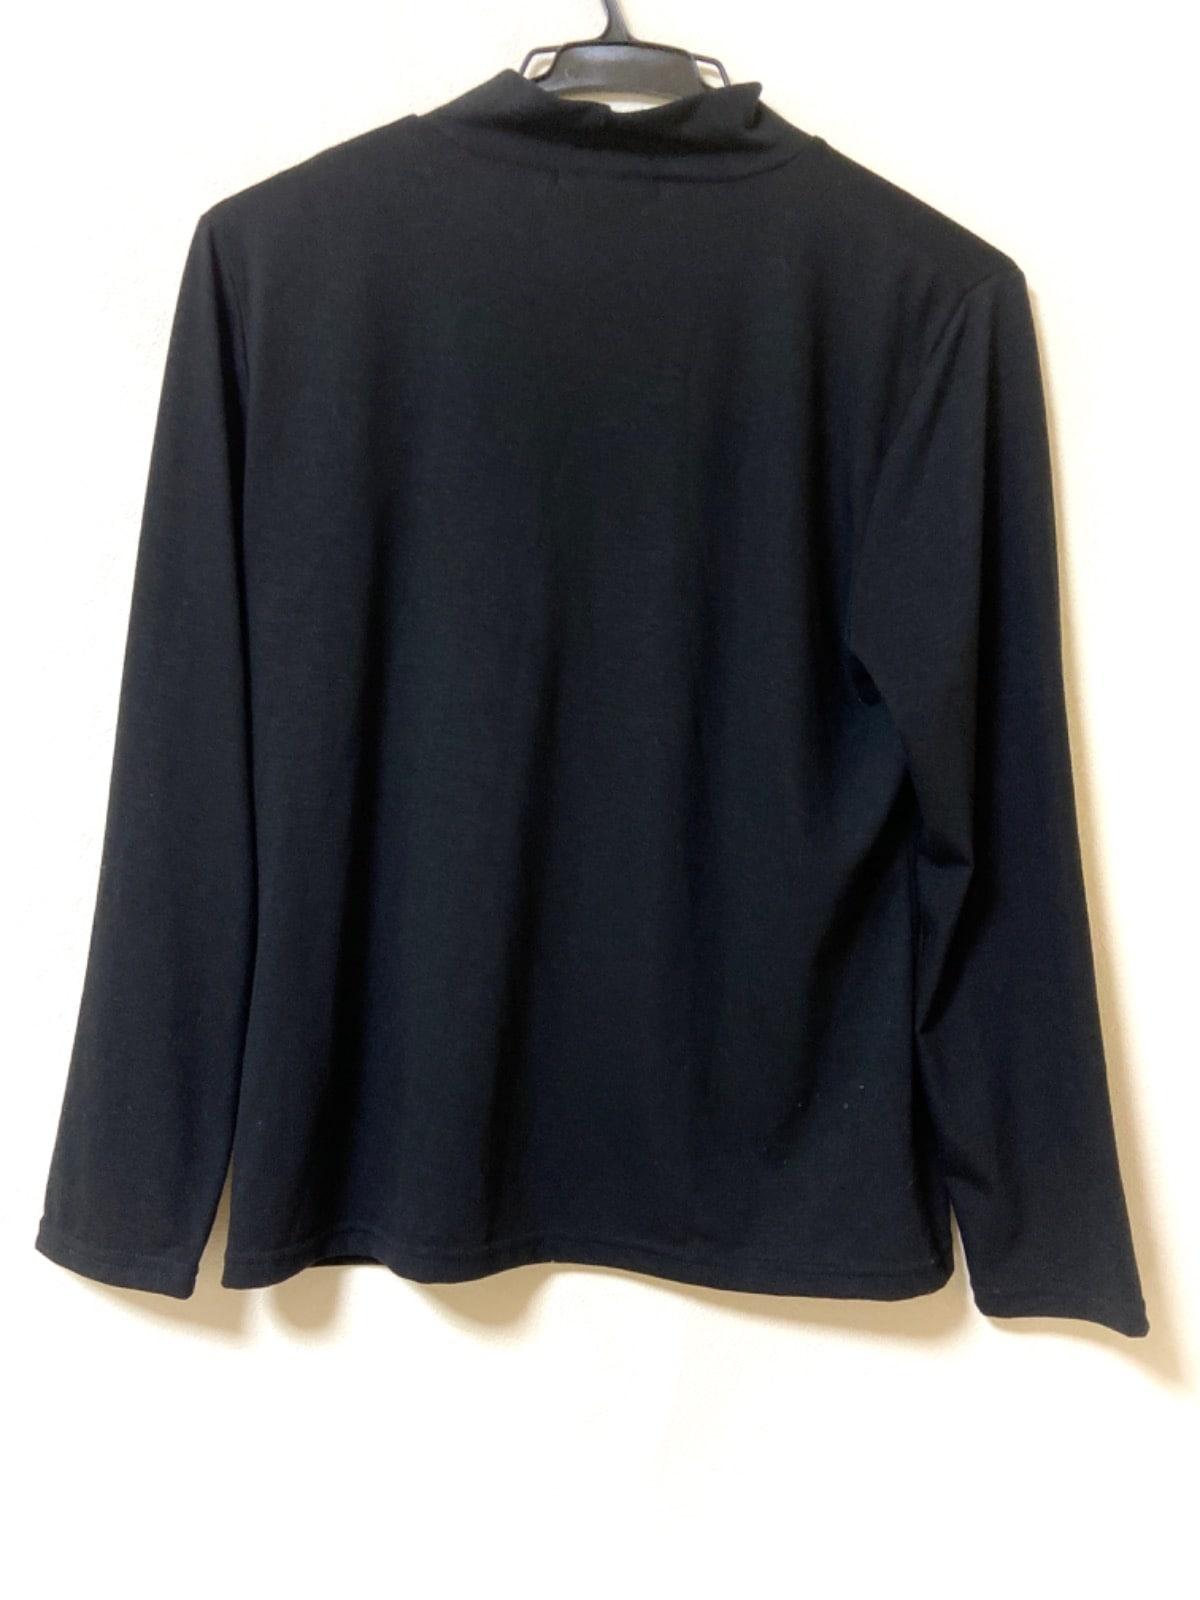 LE LIS(エルイーエルアイエス)のTシャツ